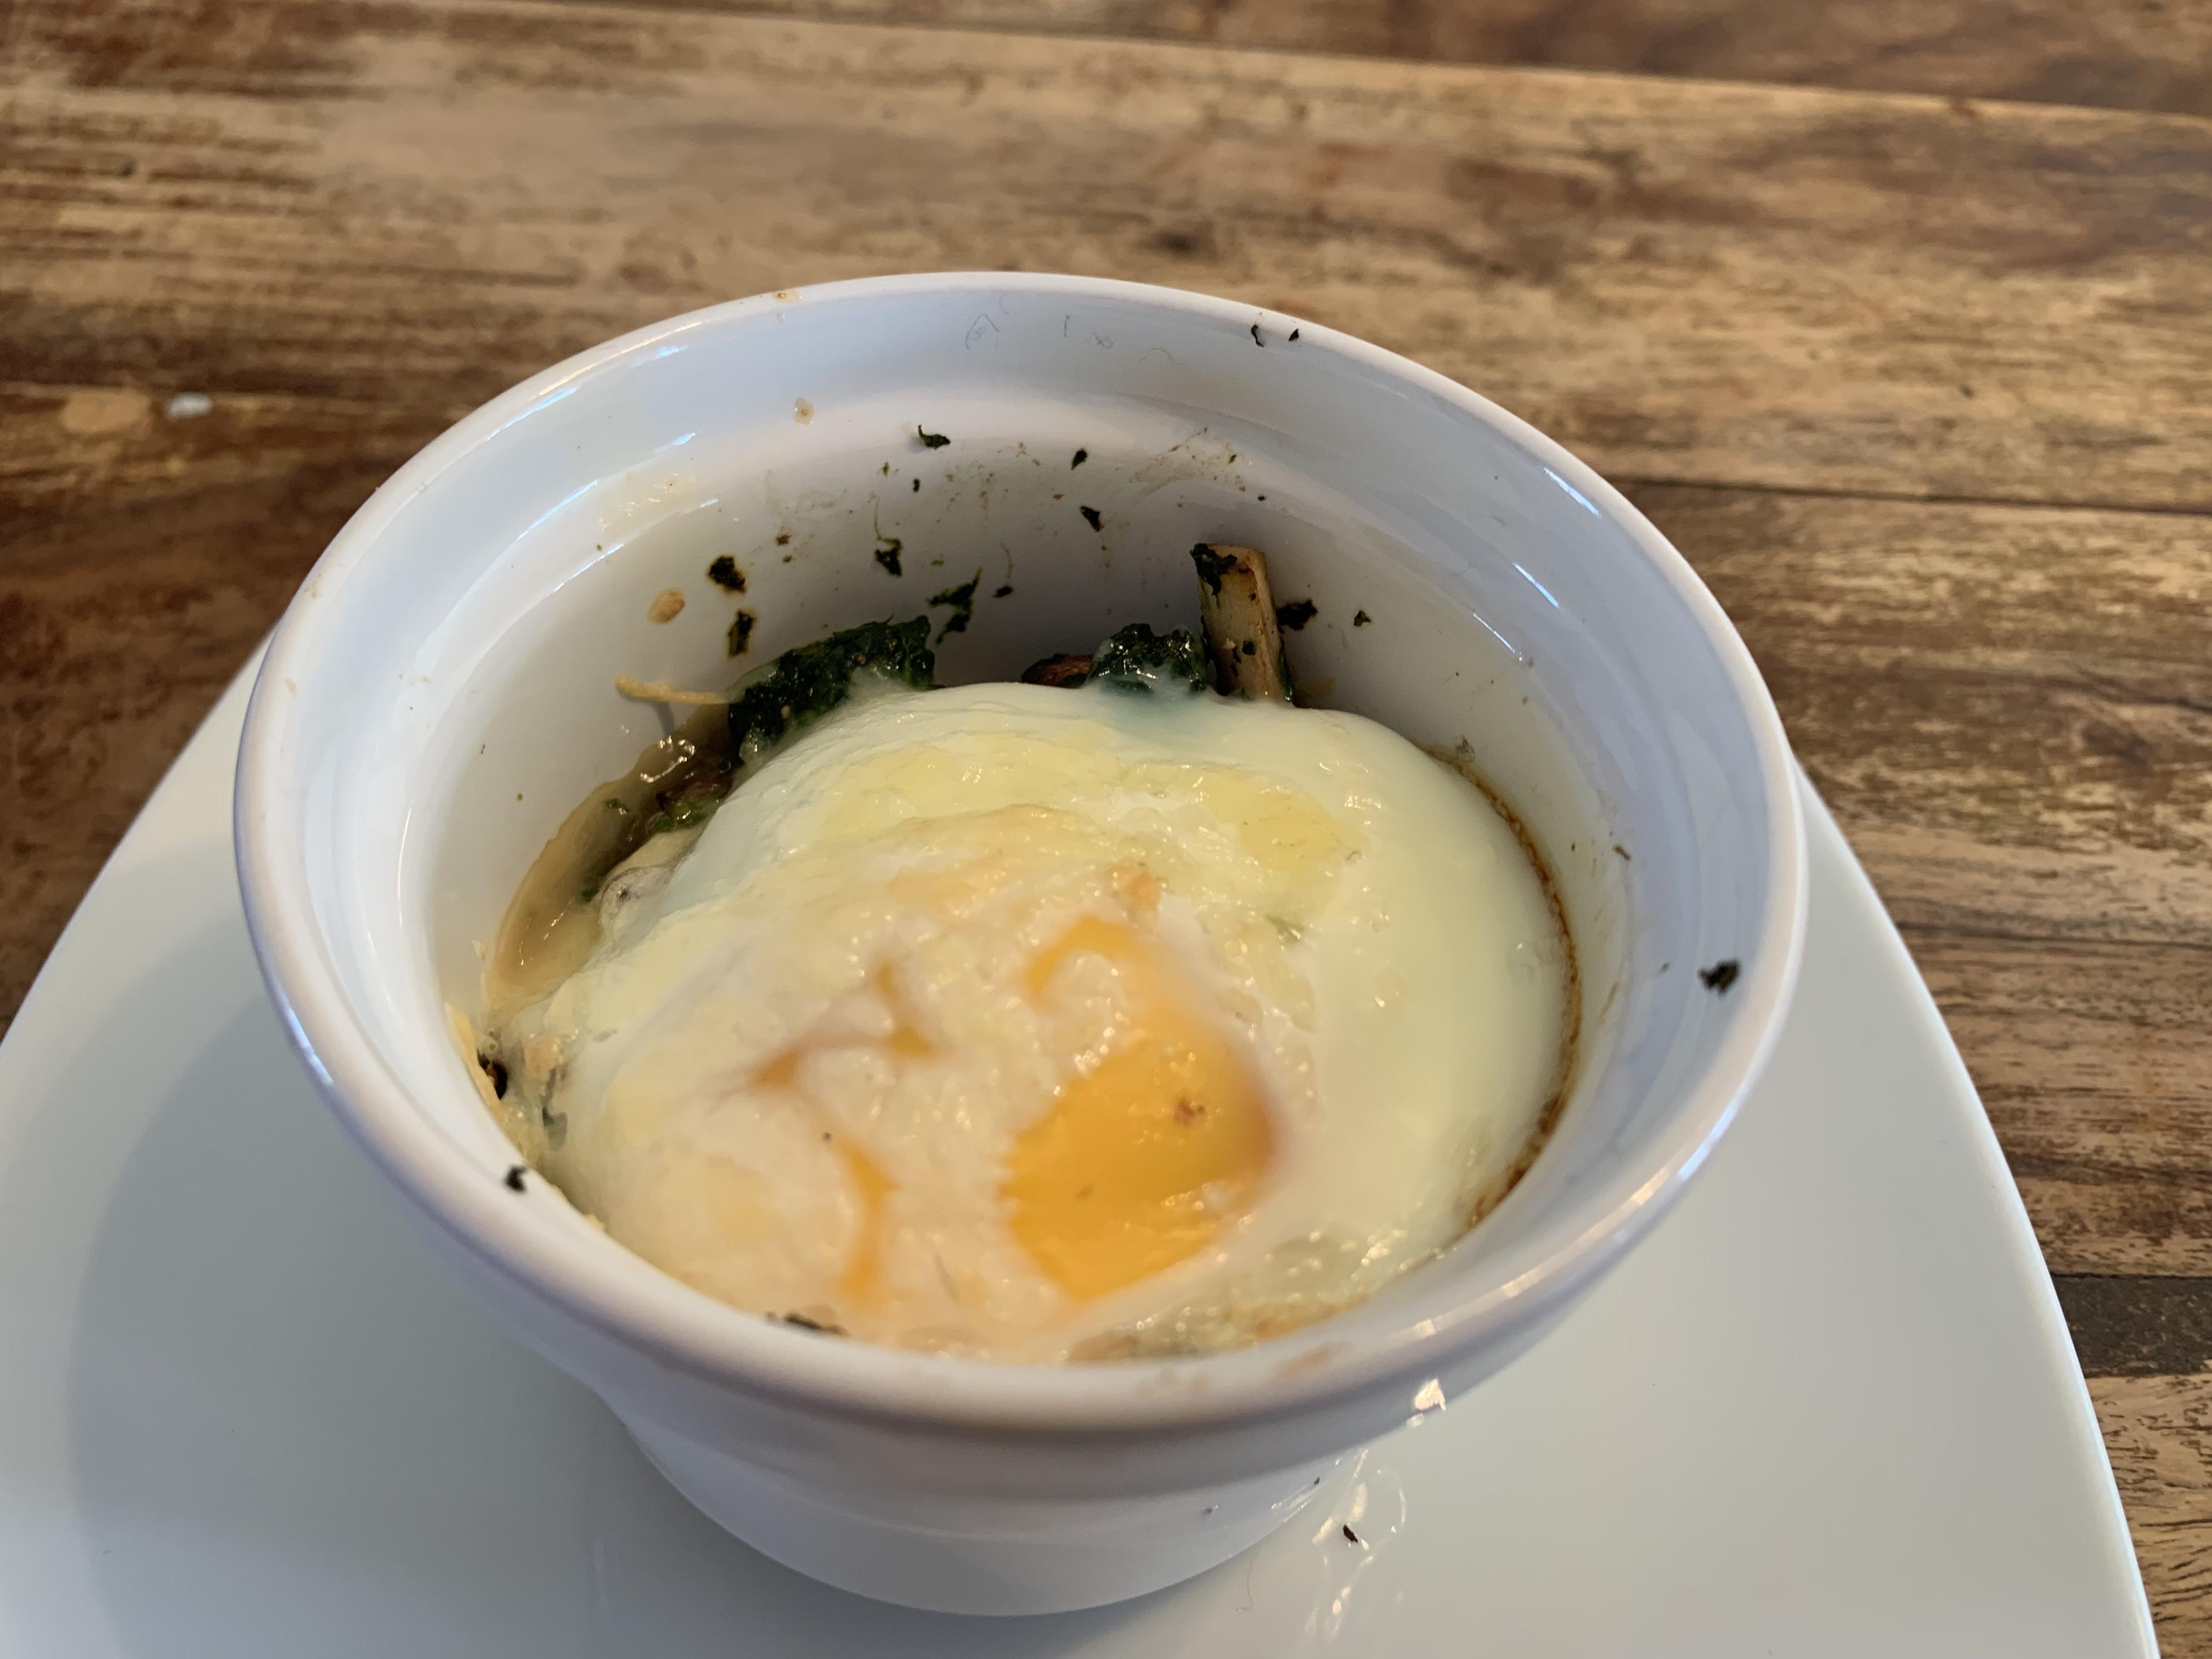 baked eggs with mushroom